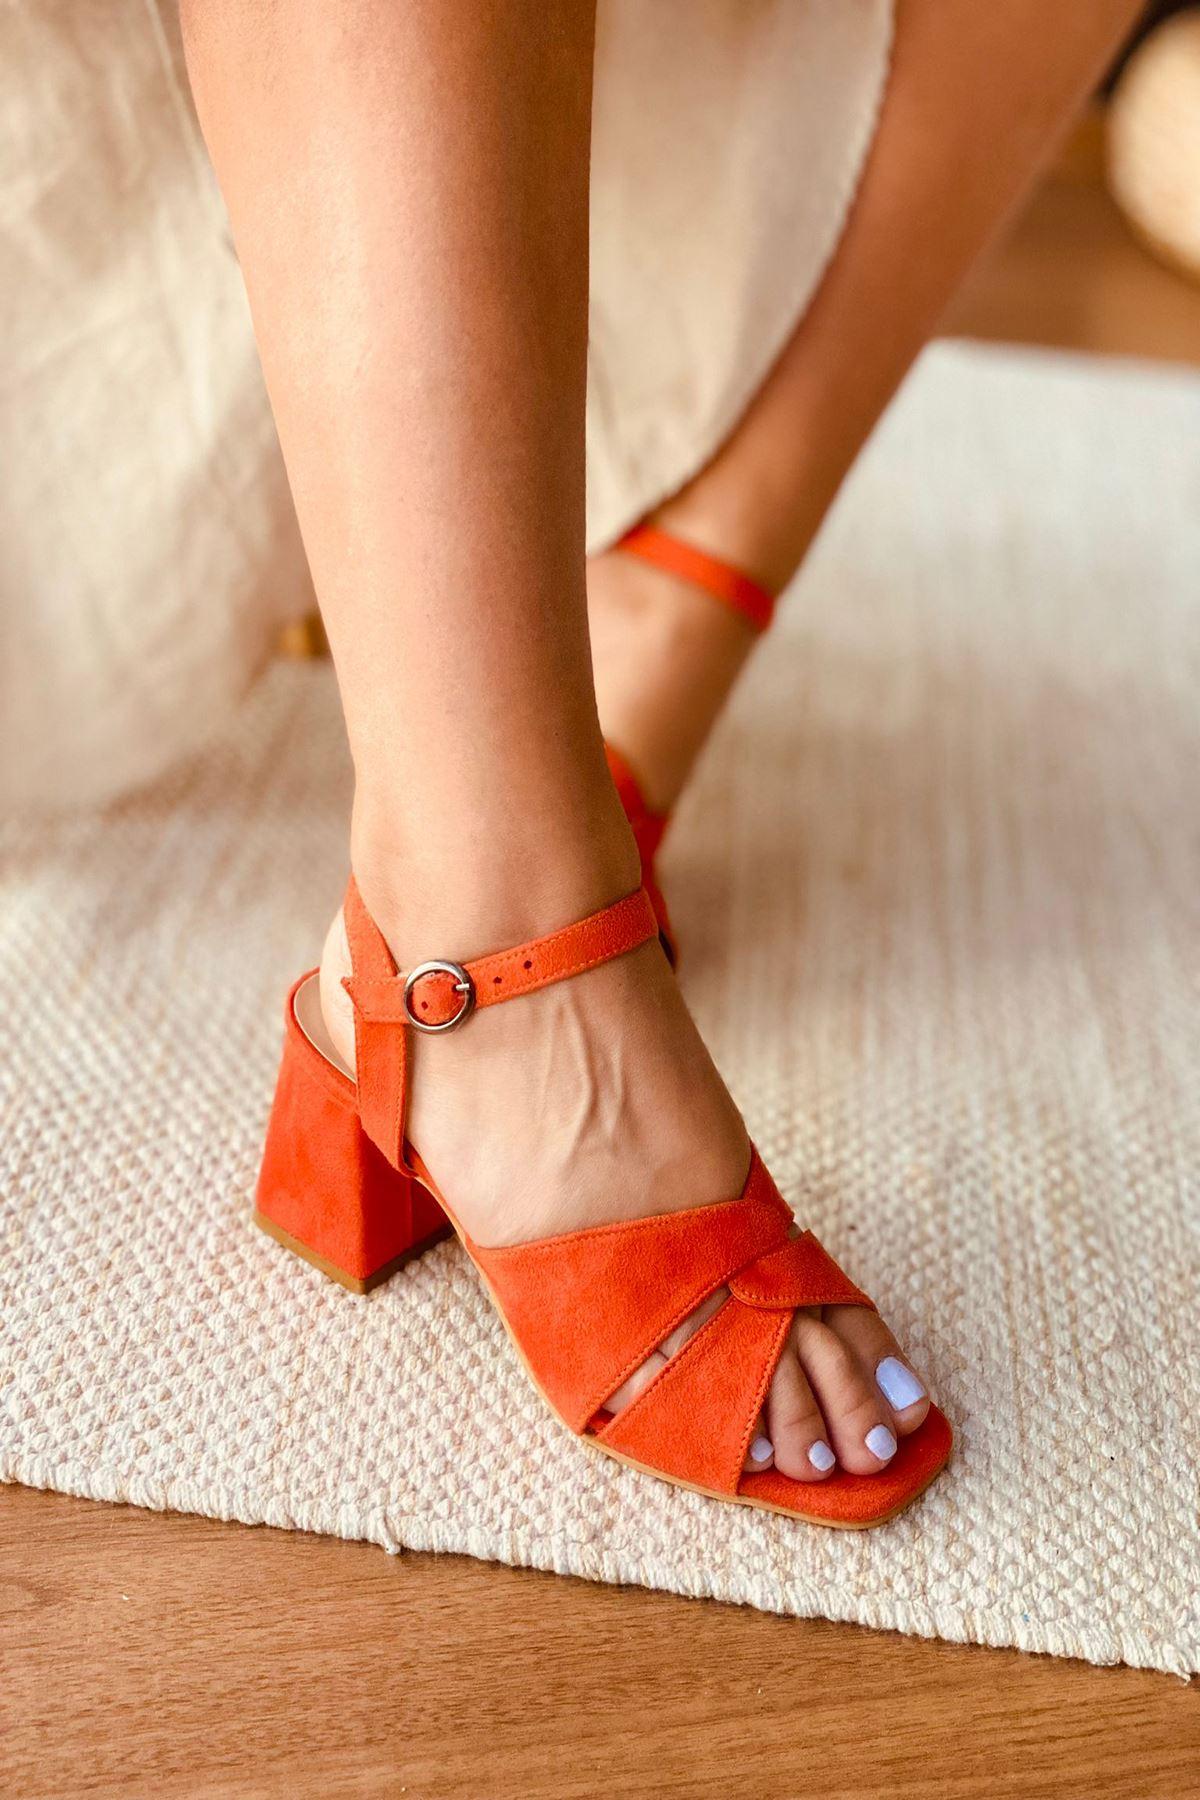 Y711 Turuncu Süet Topuklu Ayakkabı